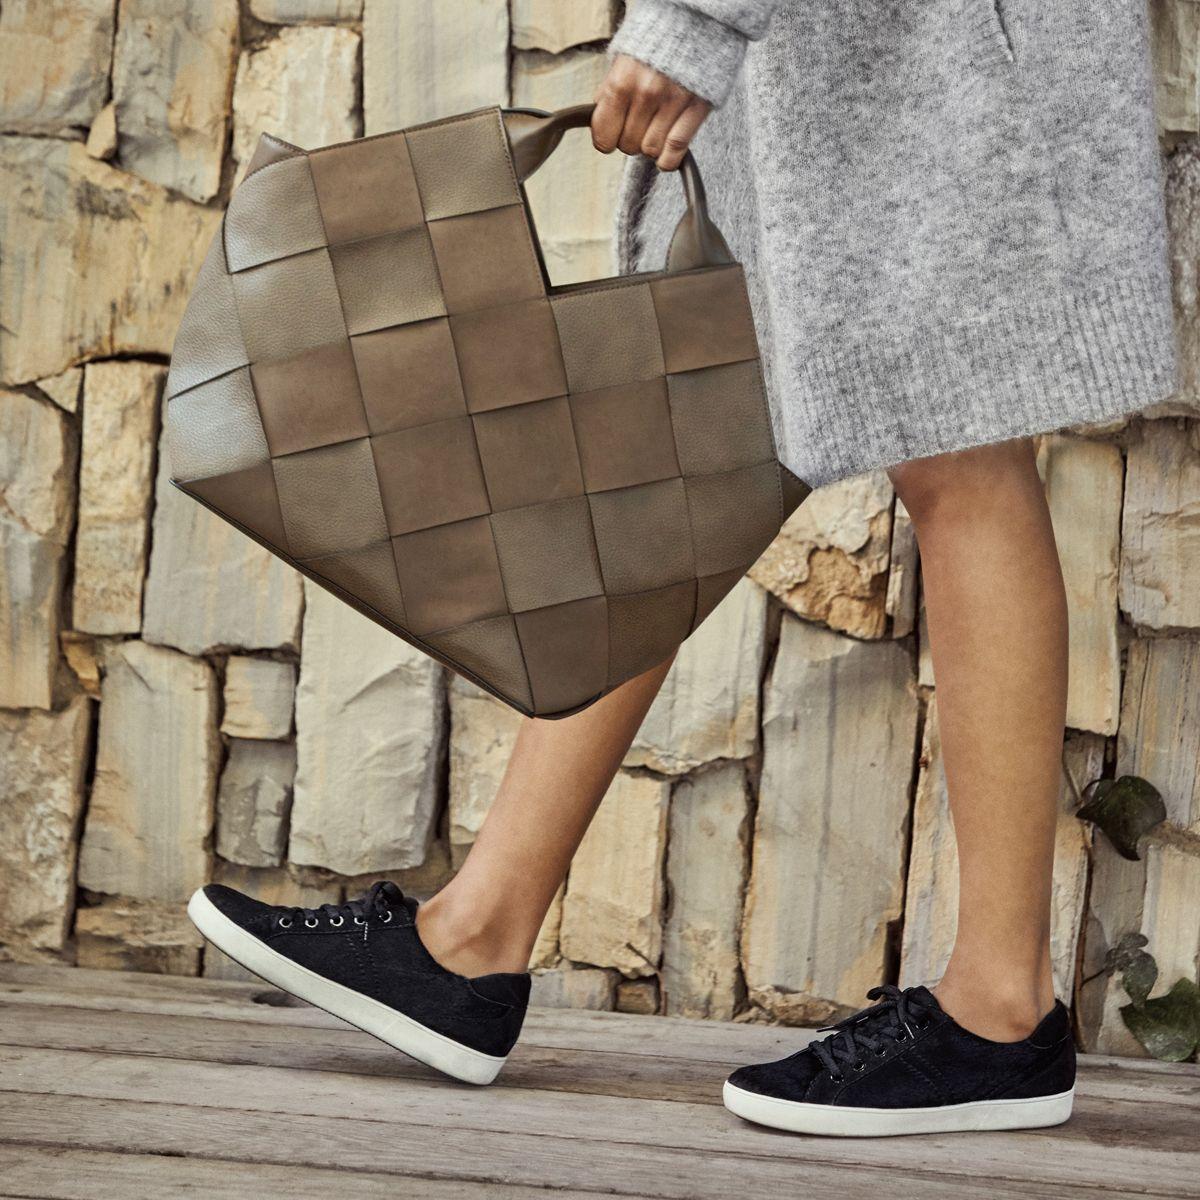 GRECIA tote and MORRISON sneaker